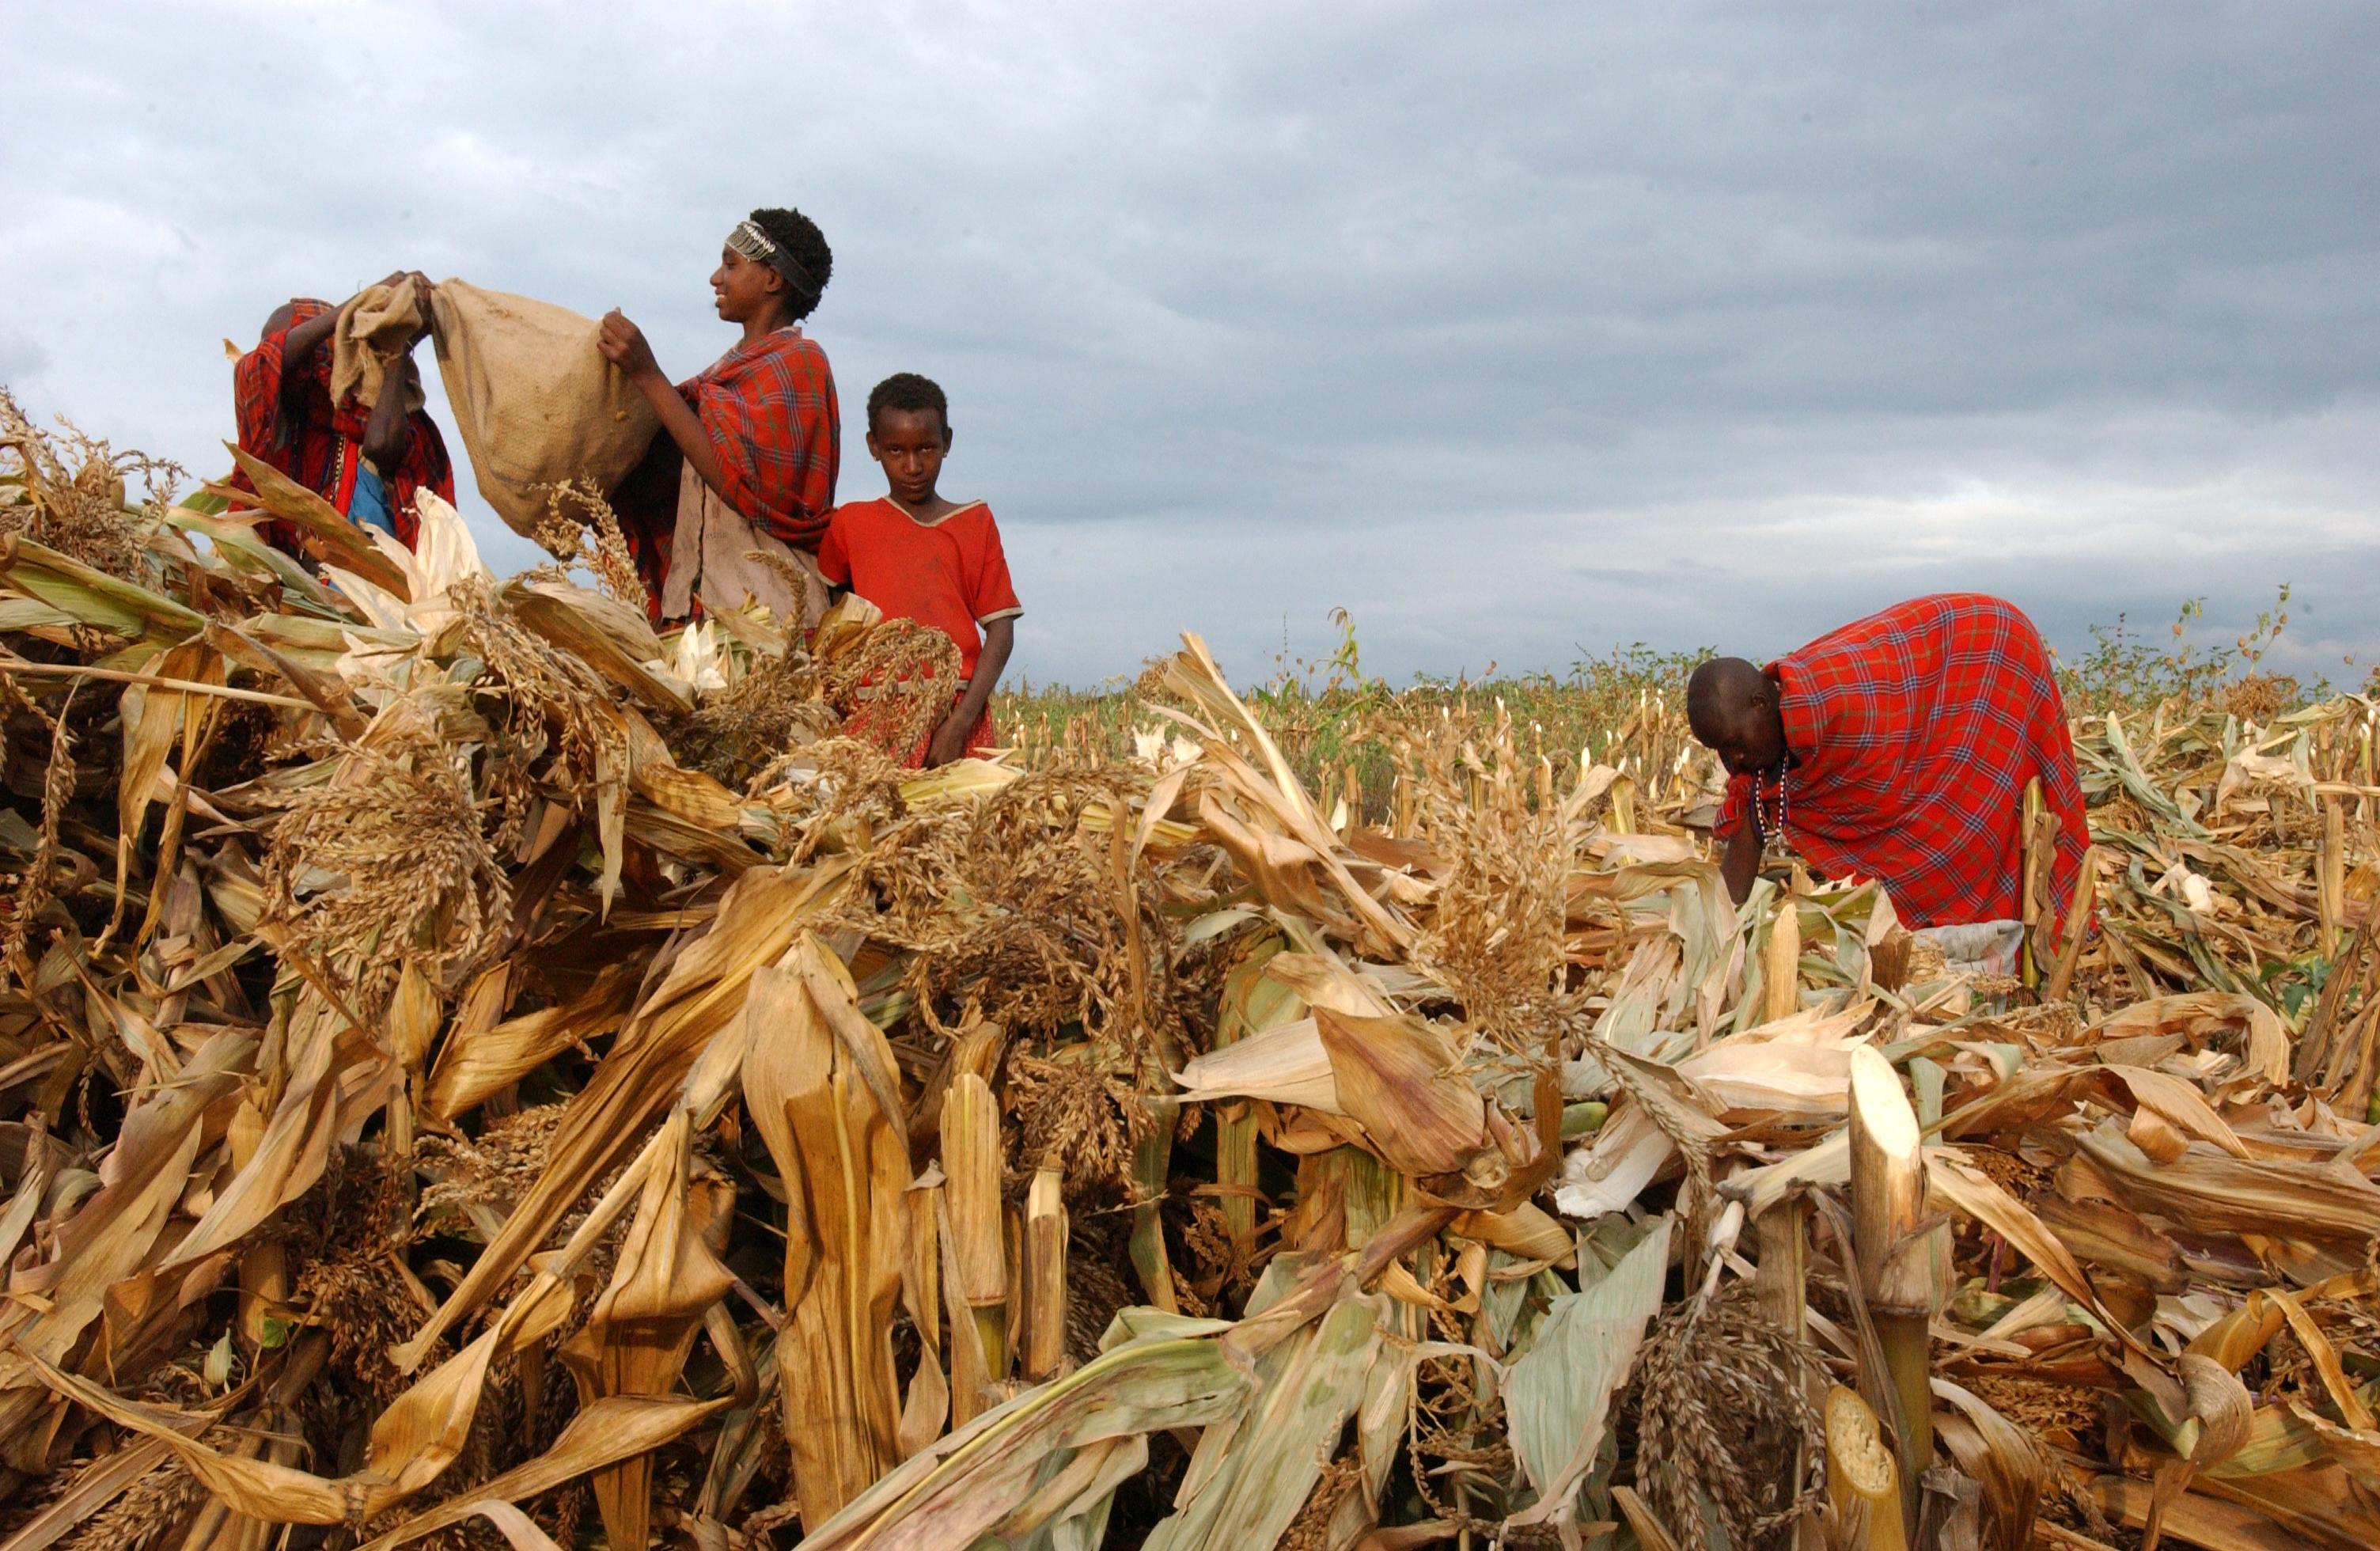 Financement agricole au Kenya: Apollo agriculture va aider encore plus les petits exploitants agricoles du Kenya à maximiser leurs revenus